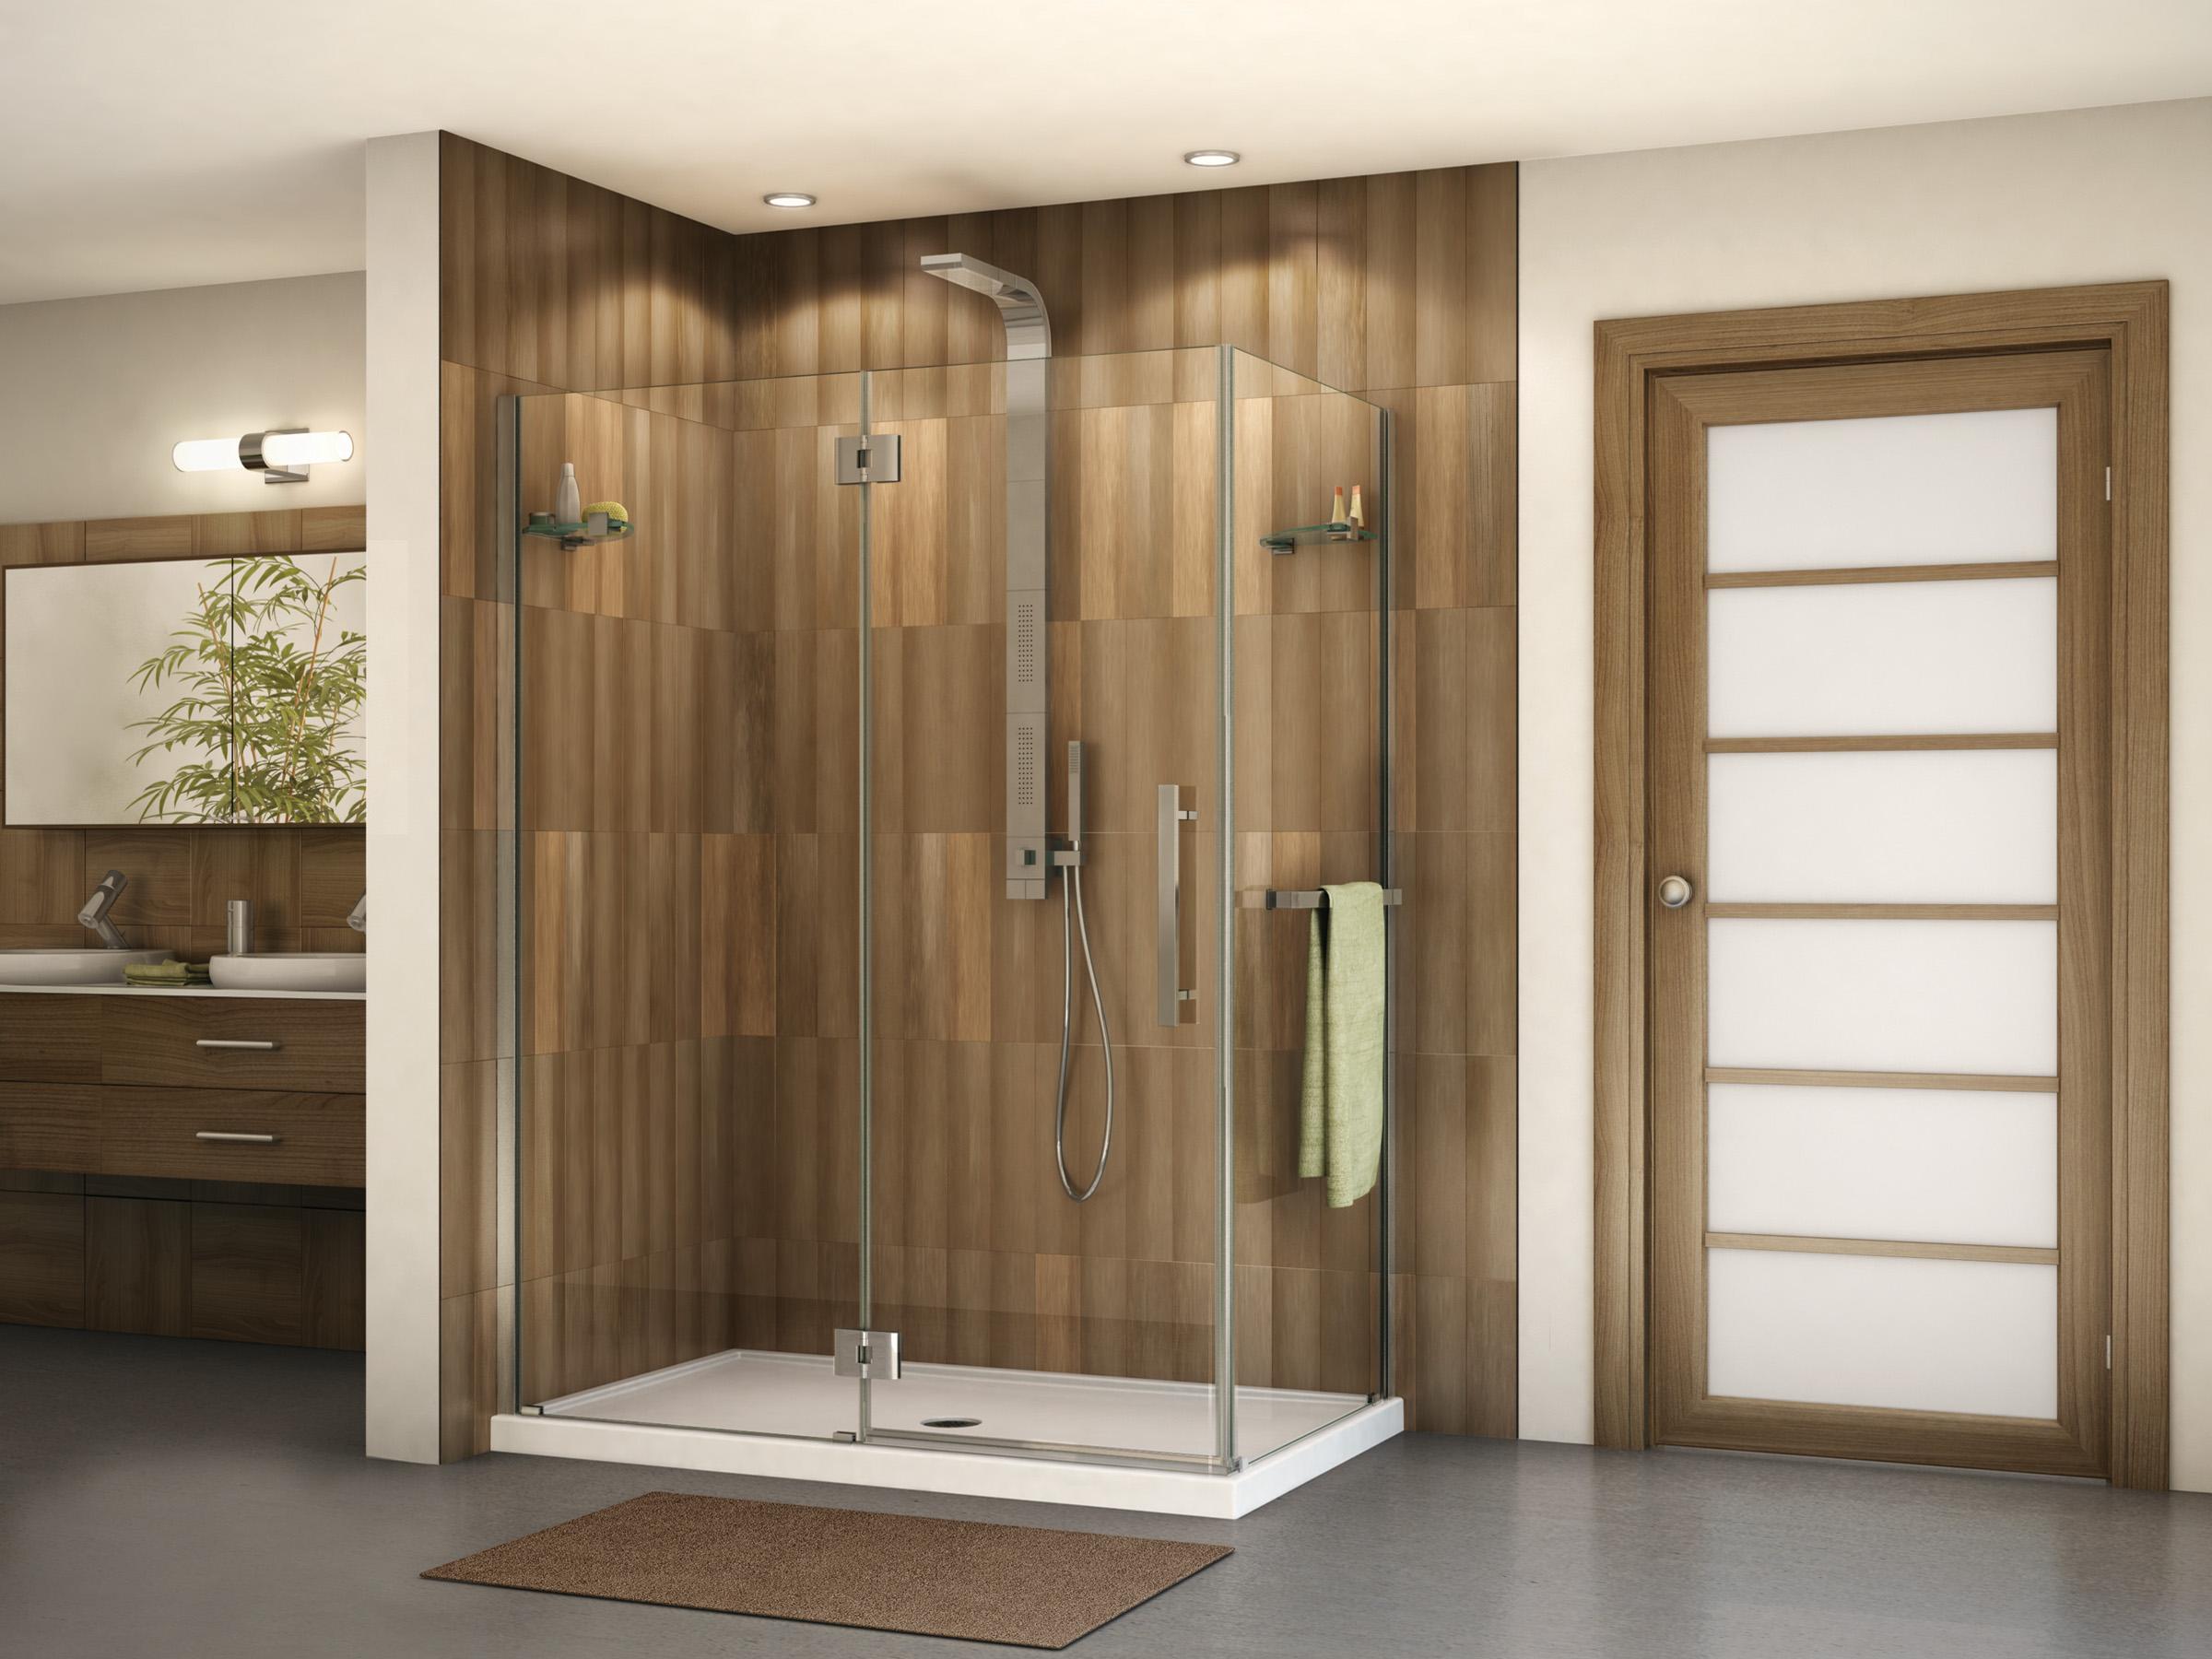 Fleurco portes de douche en verre platinum en alc ve 2 for Porte de bain douche